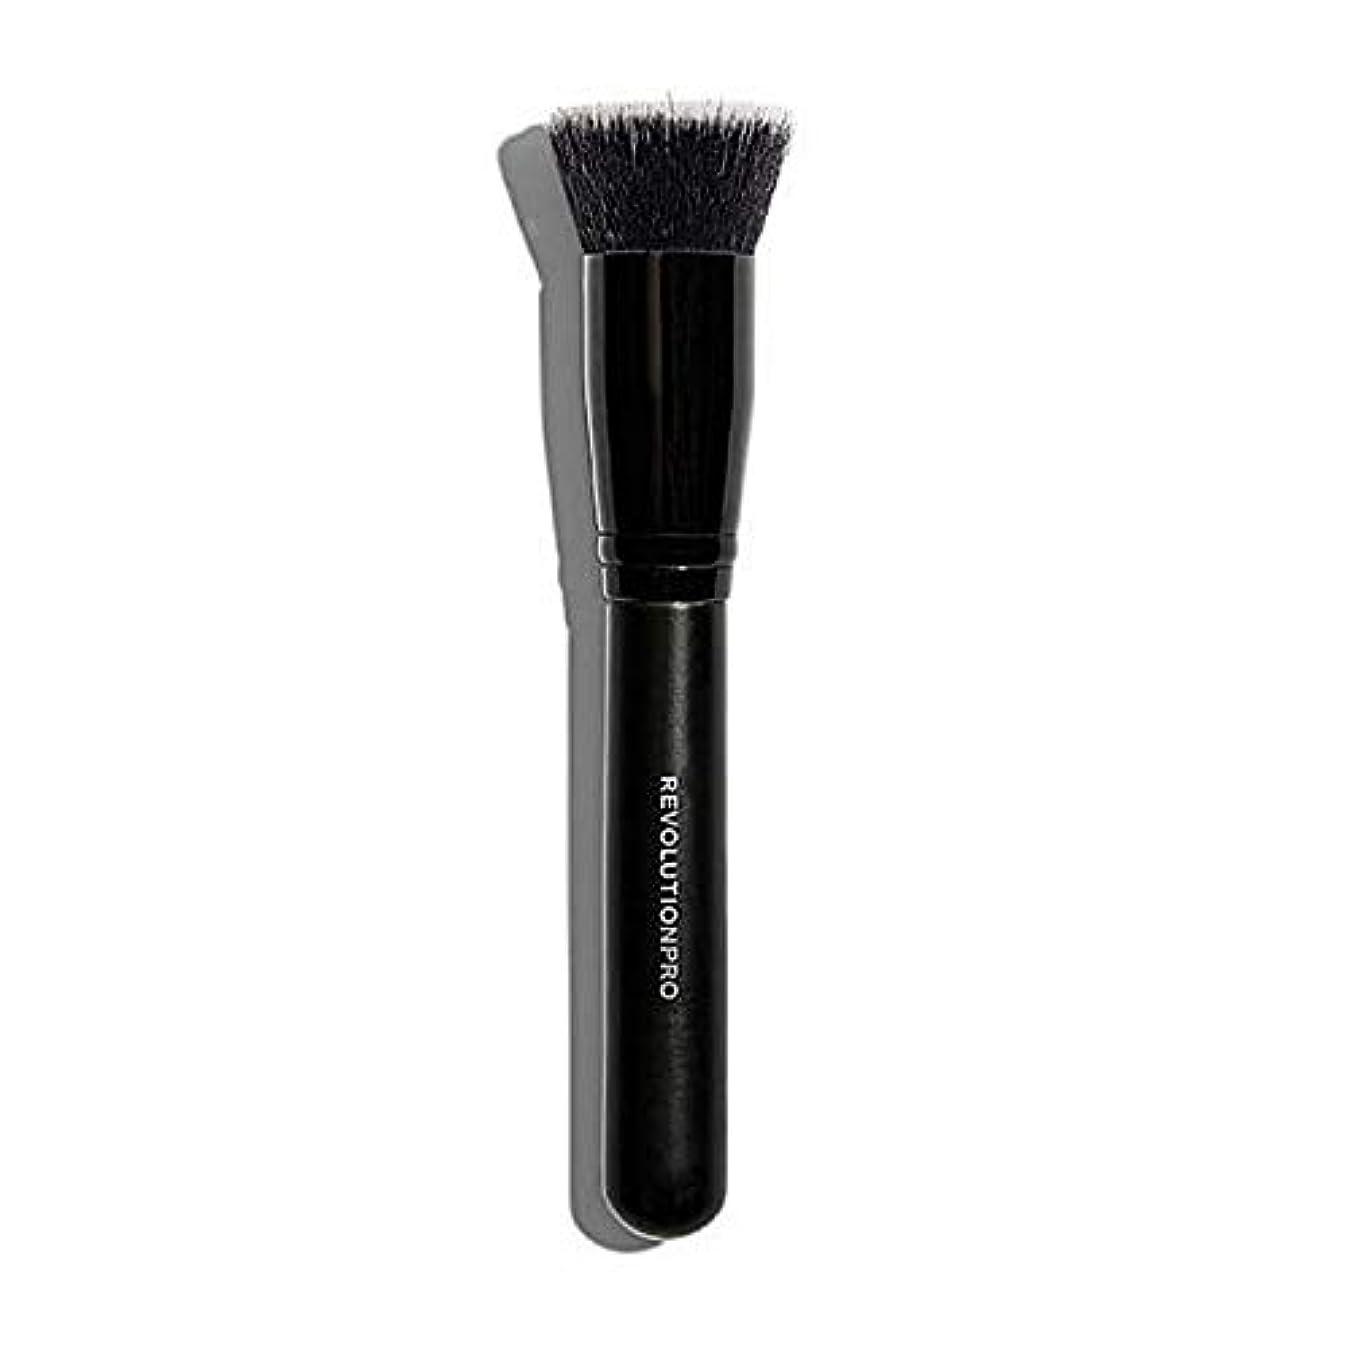 不快ボイド異なる[Revolution ] 革命プロの液滴の基礎化粧ブラシ - Revolution Pro Liquid Drop Foundation Makeup Brush [並行輸入品]